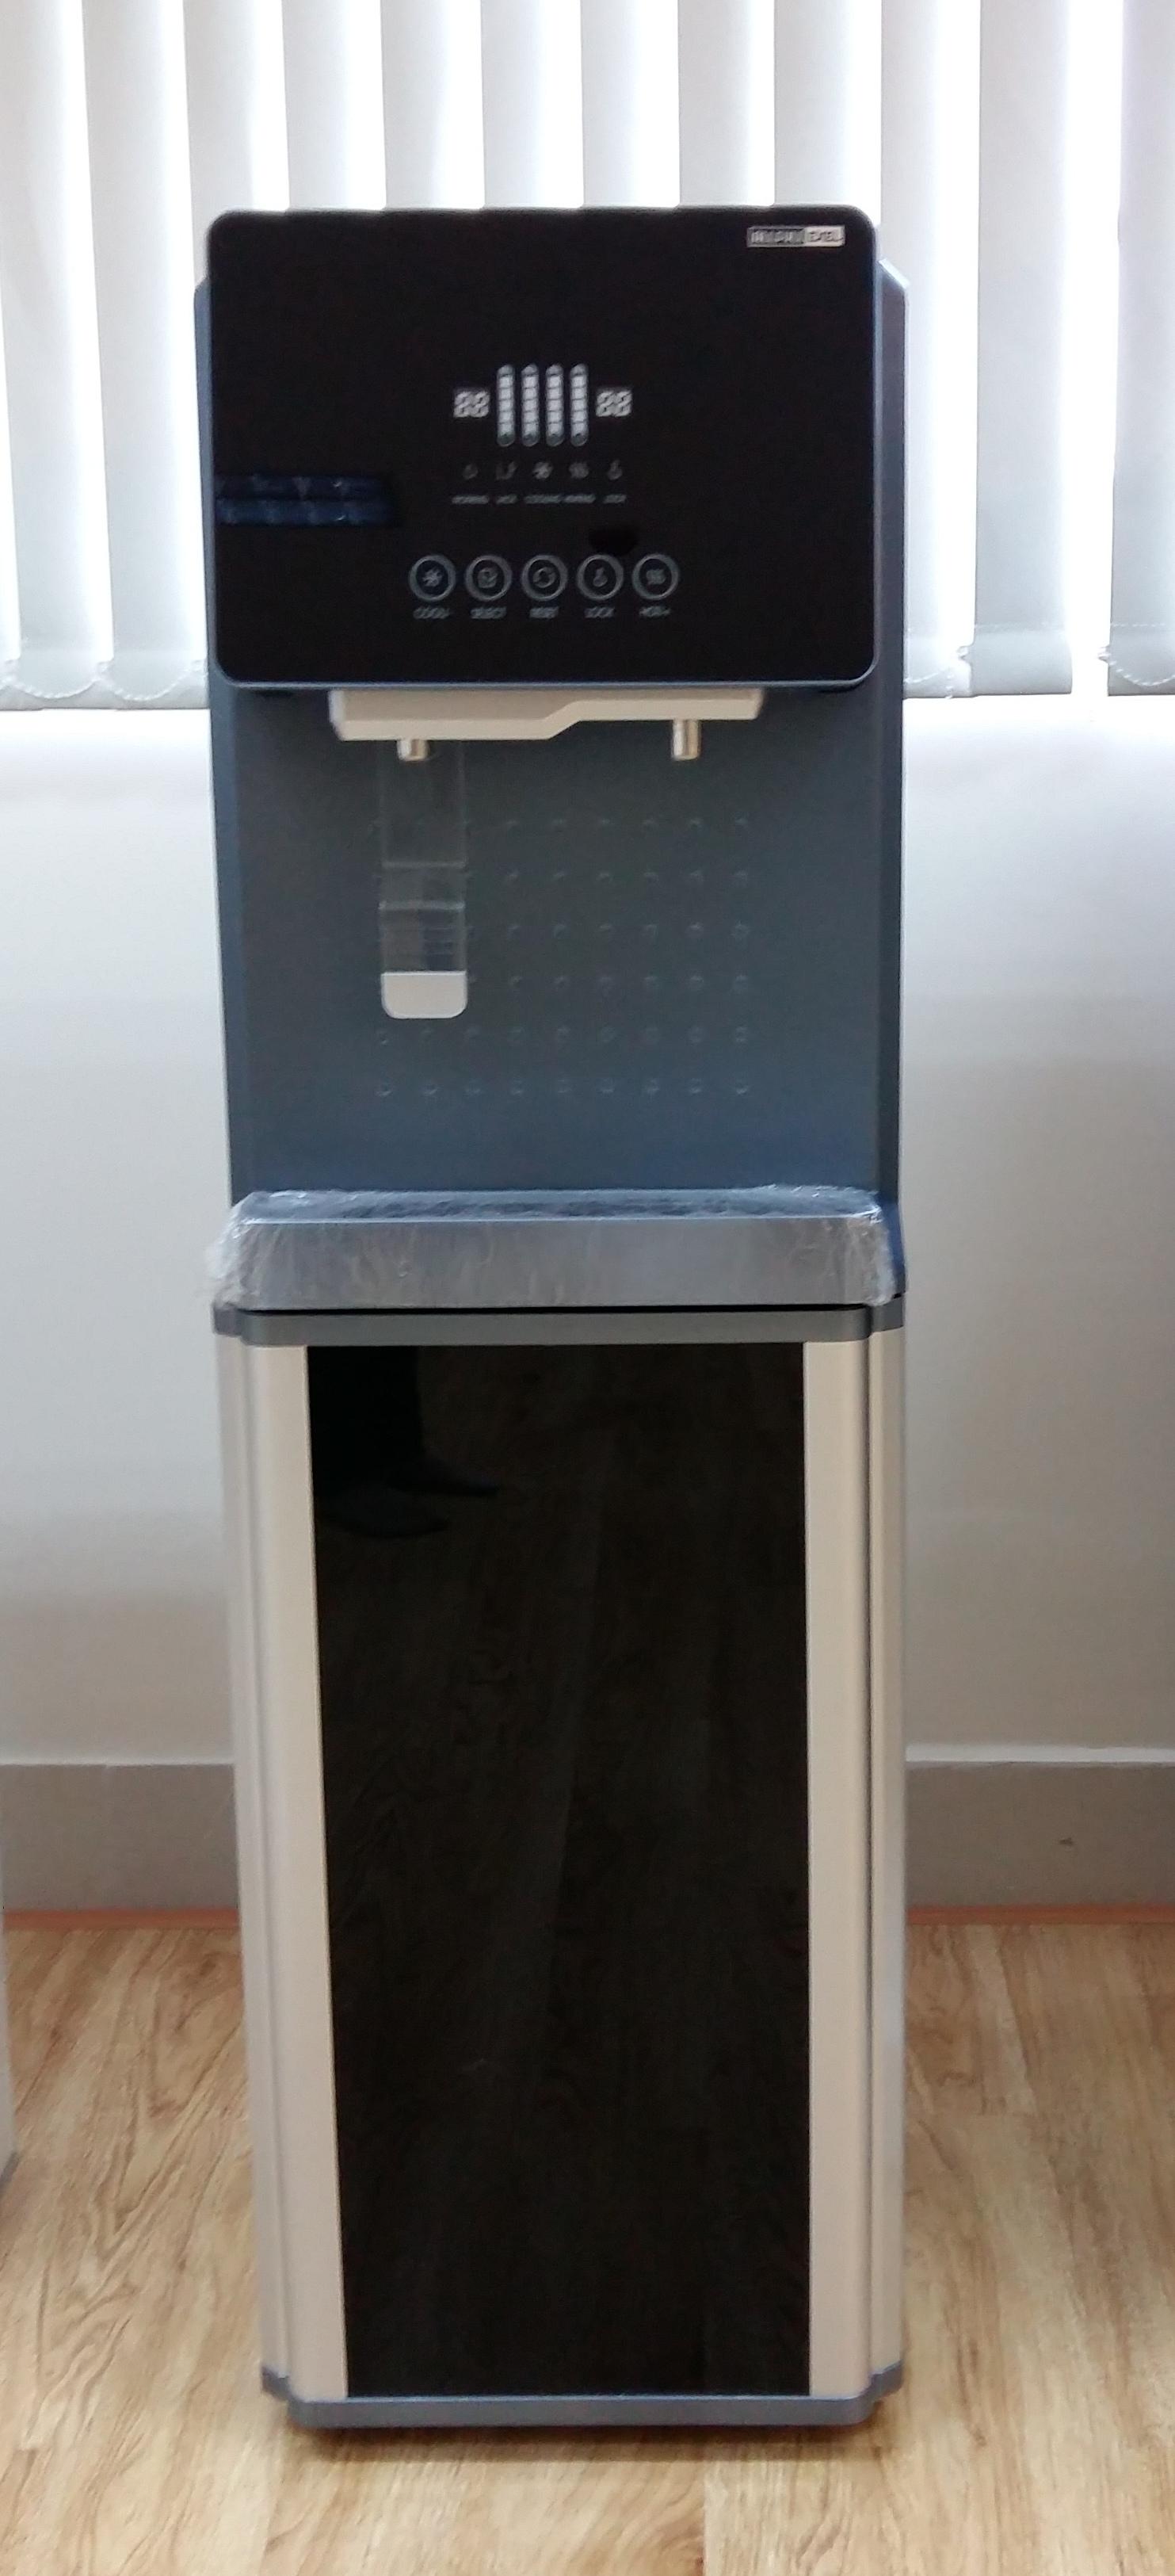 Máy lọc nước nóng lạnh RO dạng tủ lạnh - Model Exel